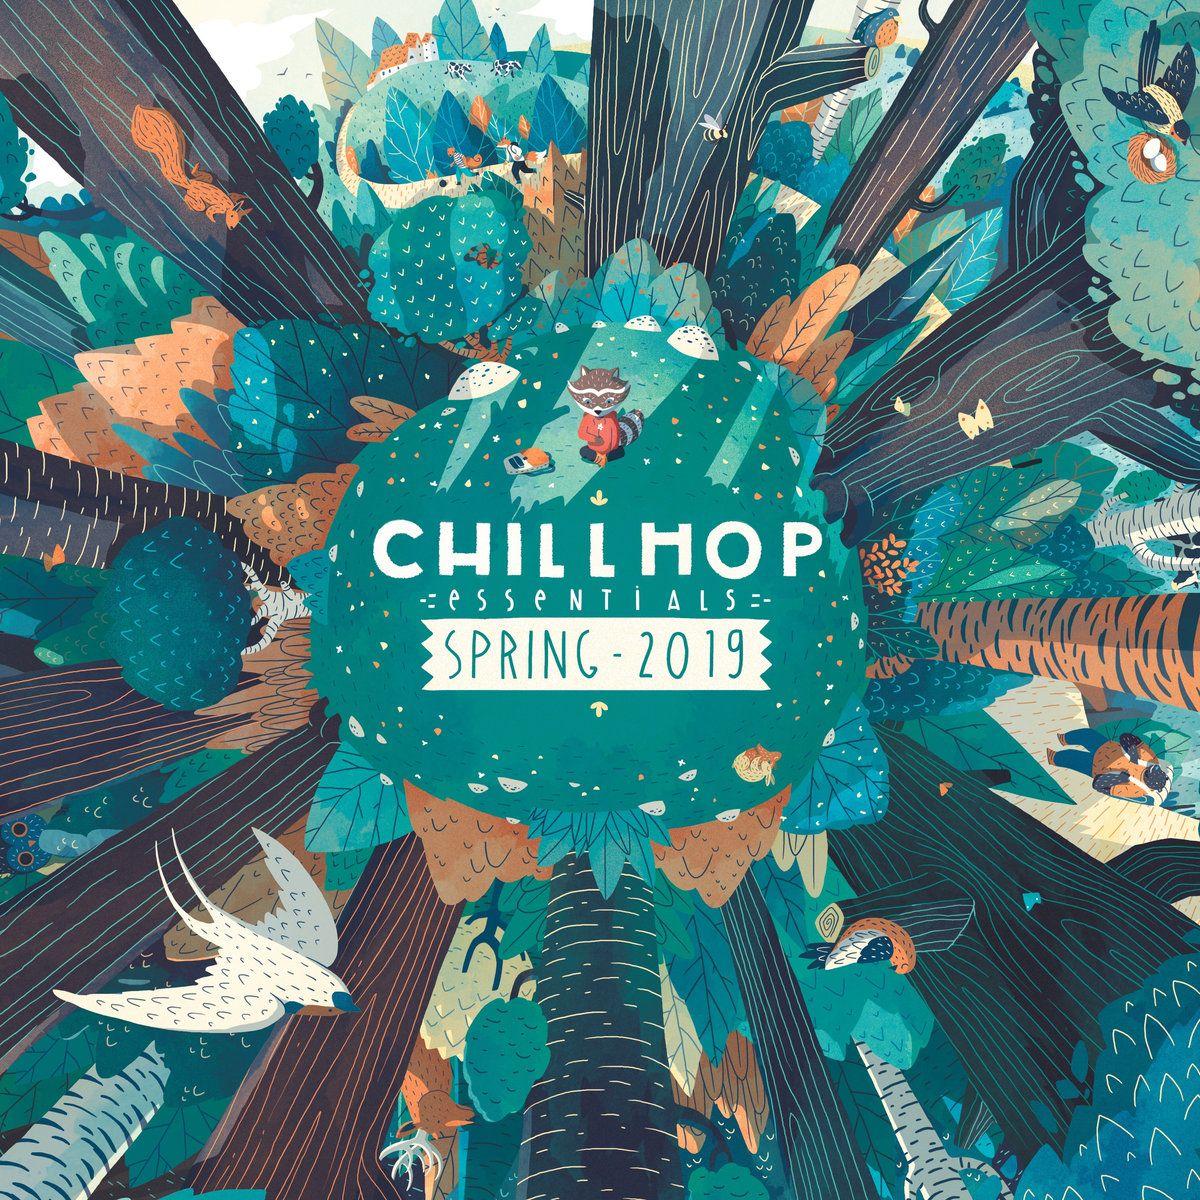 Chillhop Essentials Spring 2019 Der Soundtrack für den